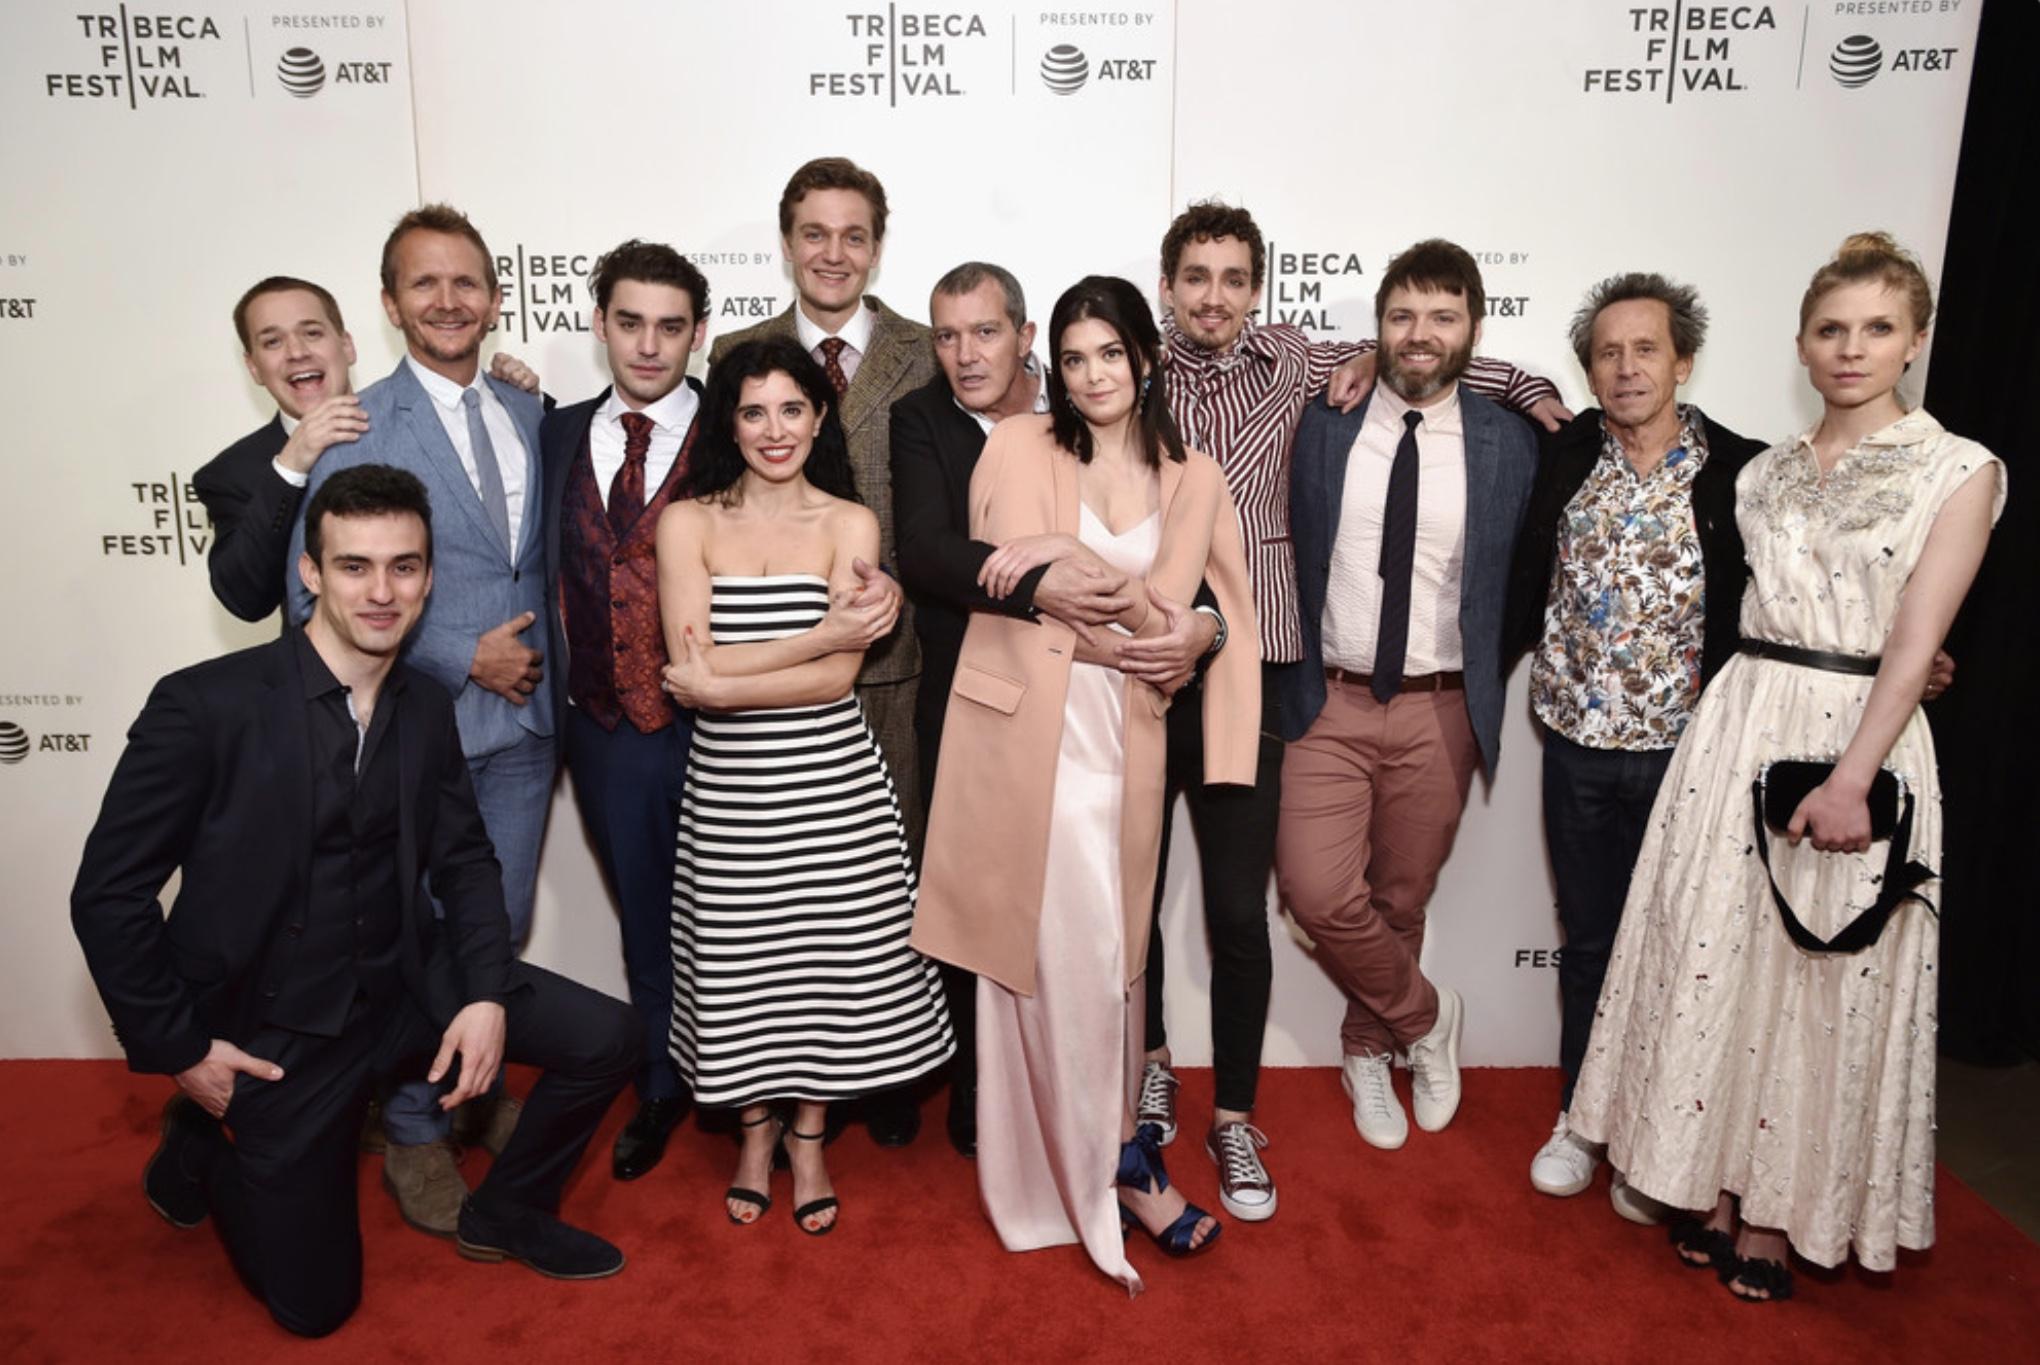 Tribeca Film Festival.